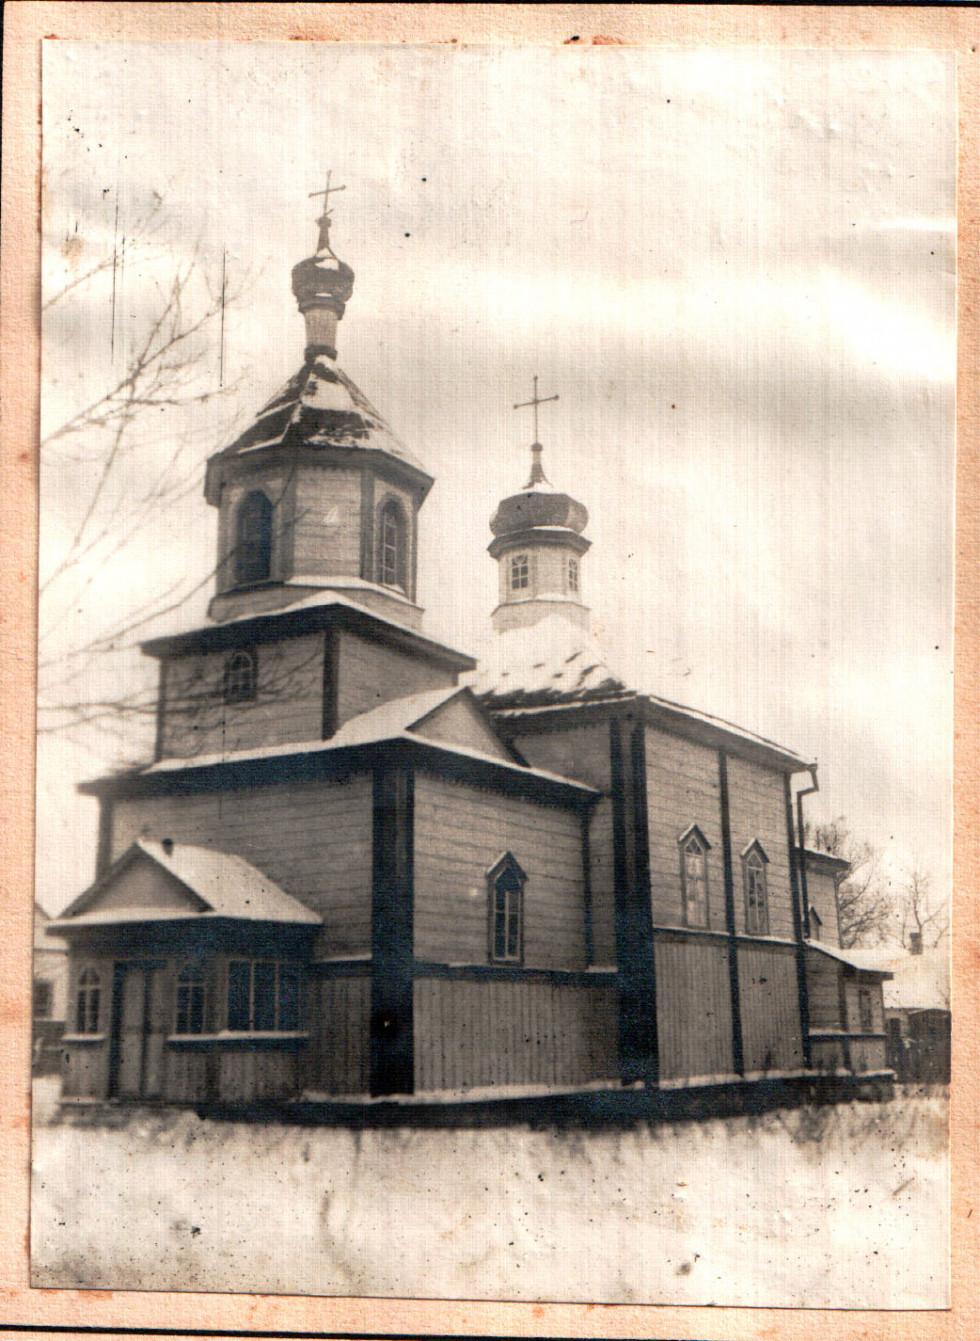 Камінь-Каширська Свято-Миколаївська церква. 1780 р. Фото 1948 р. Із фондів районного музею.